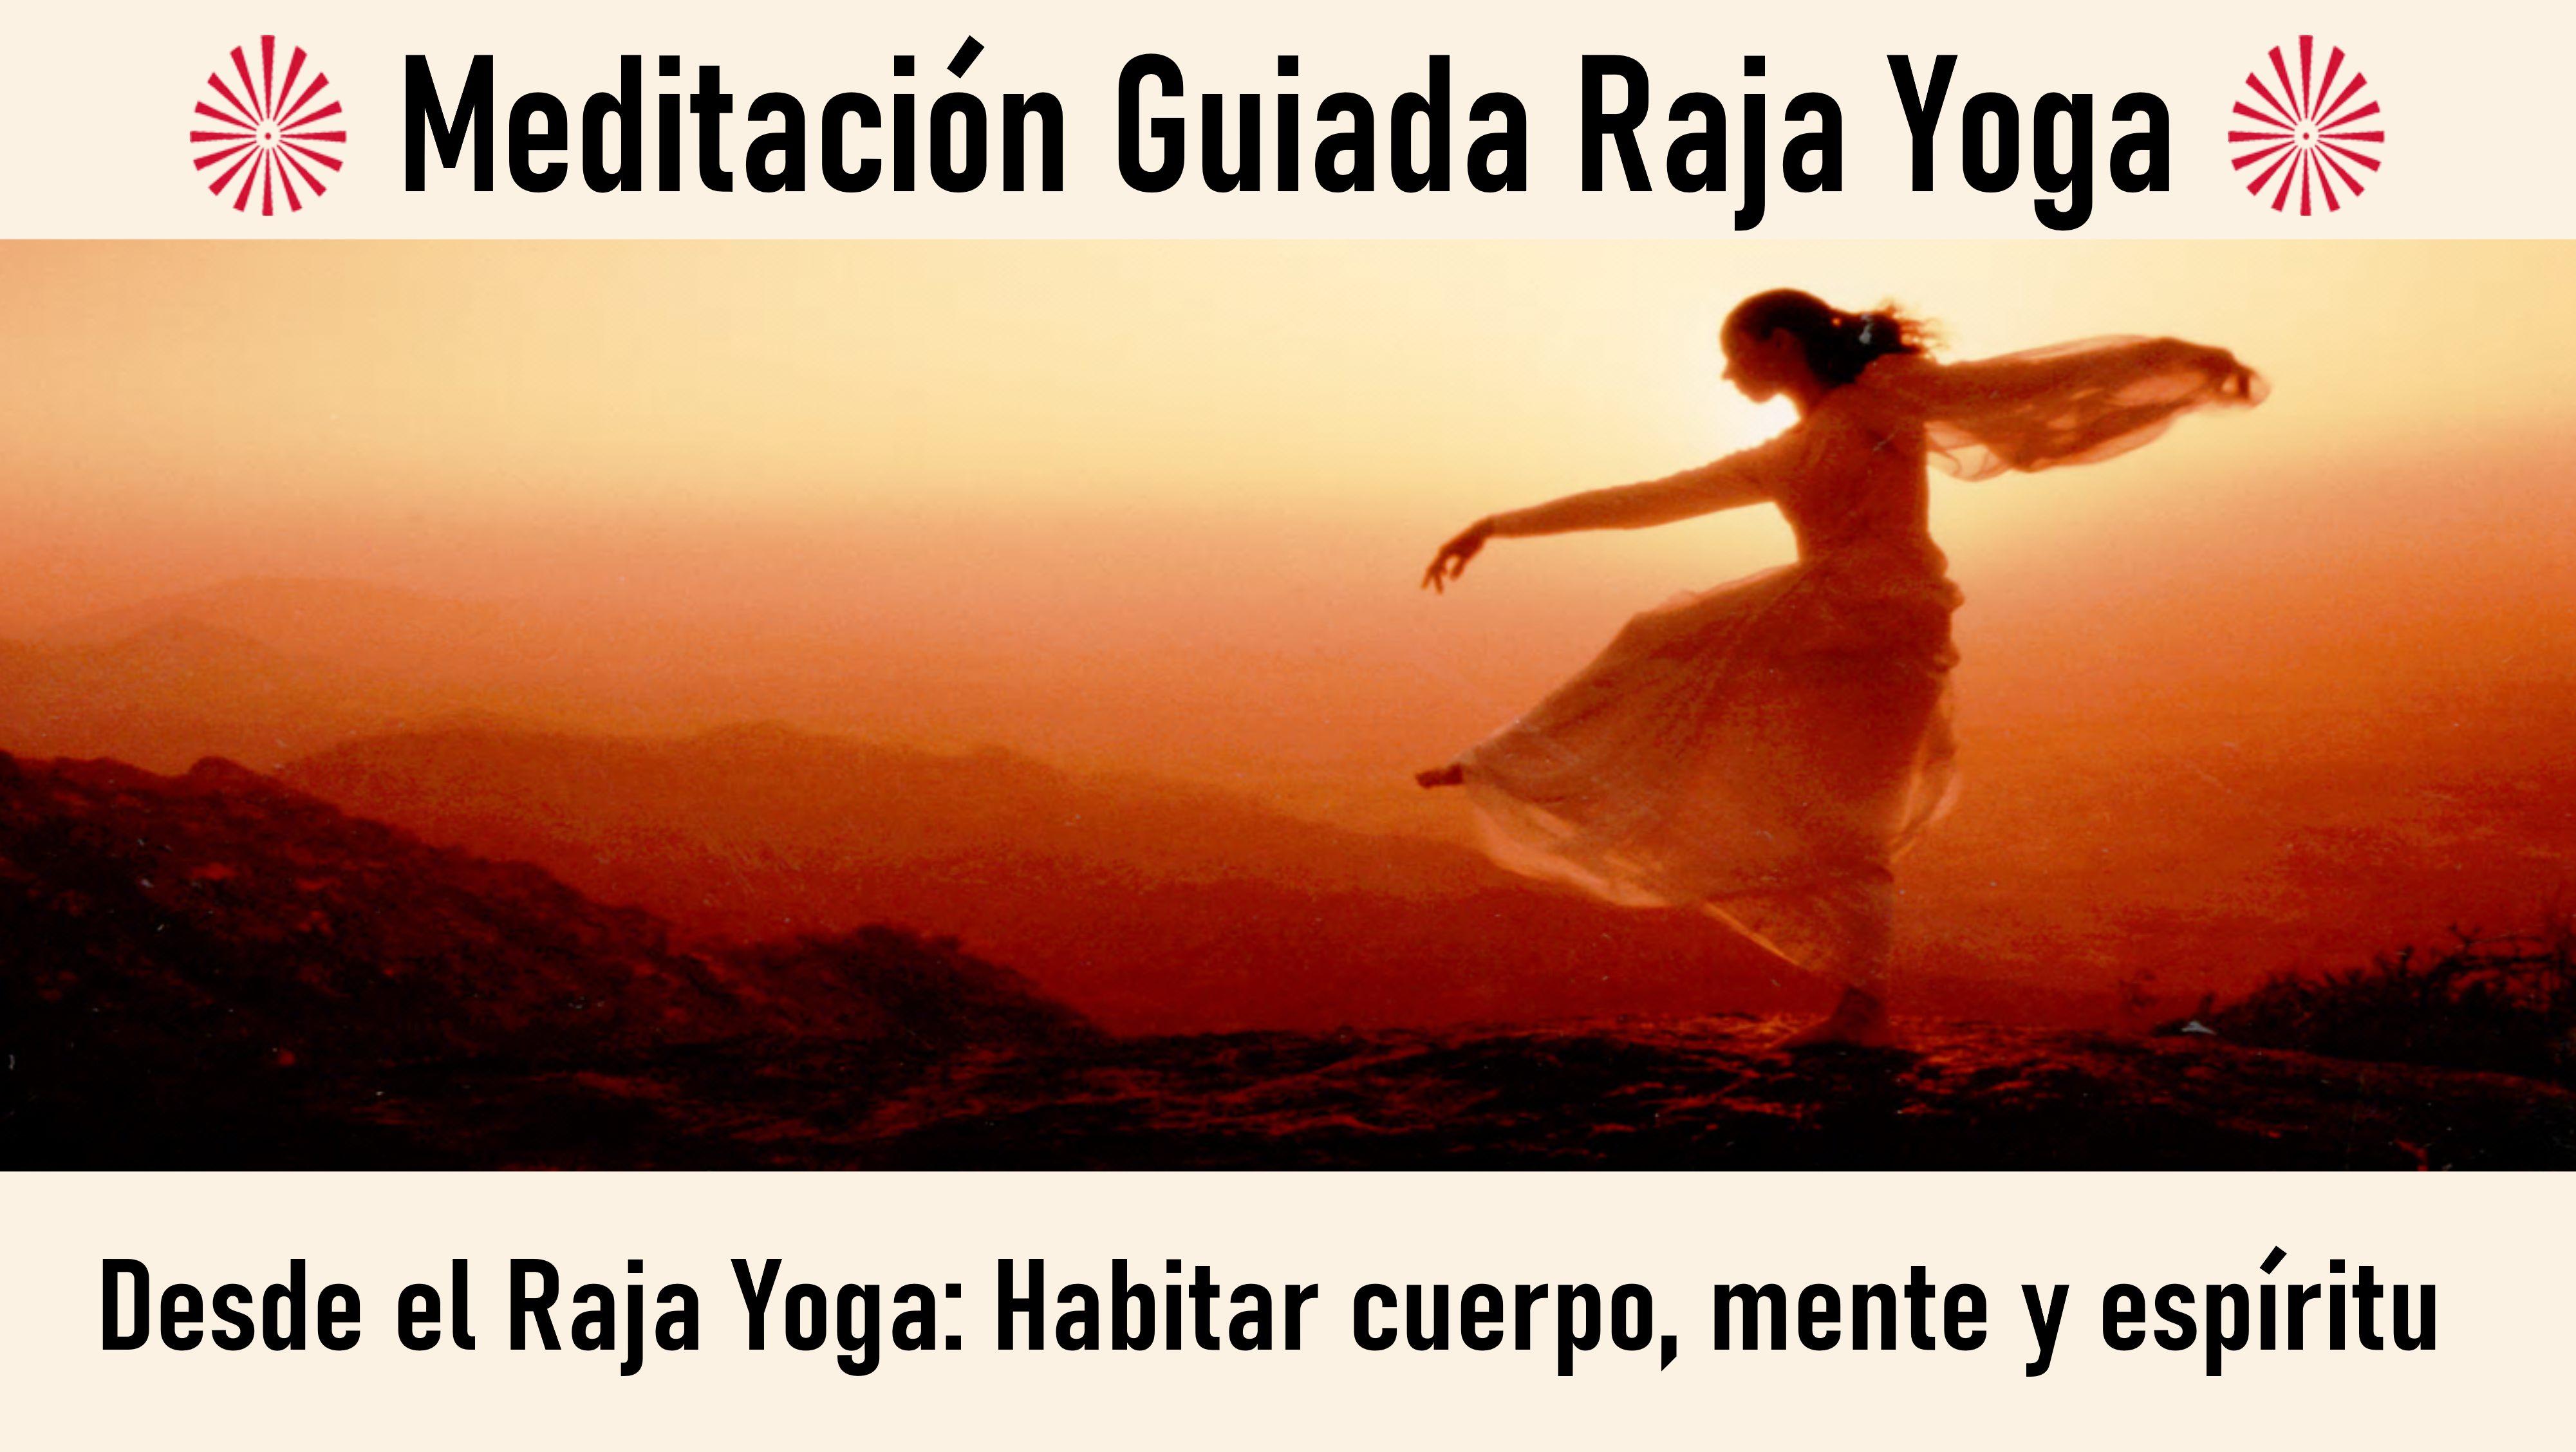 Meditación Raja Yoga: Desde el Raja Yoga, Habitar cuerpo, mente y espíritu (25 SEptiembre 2020) On-line desde Barcelona